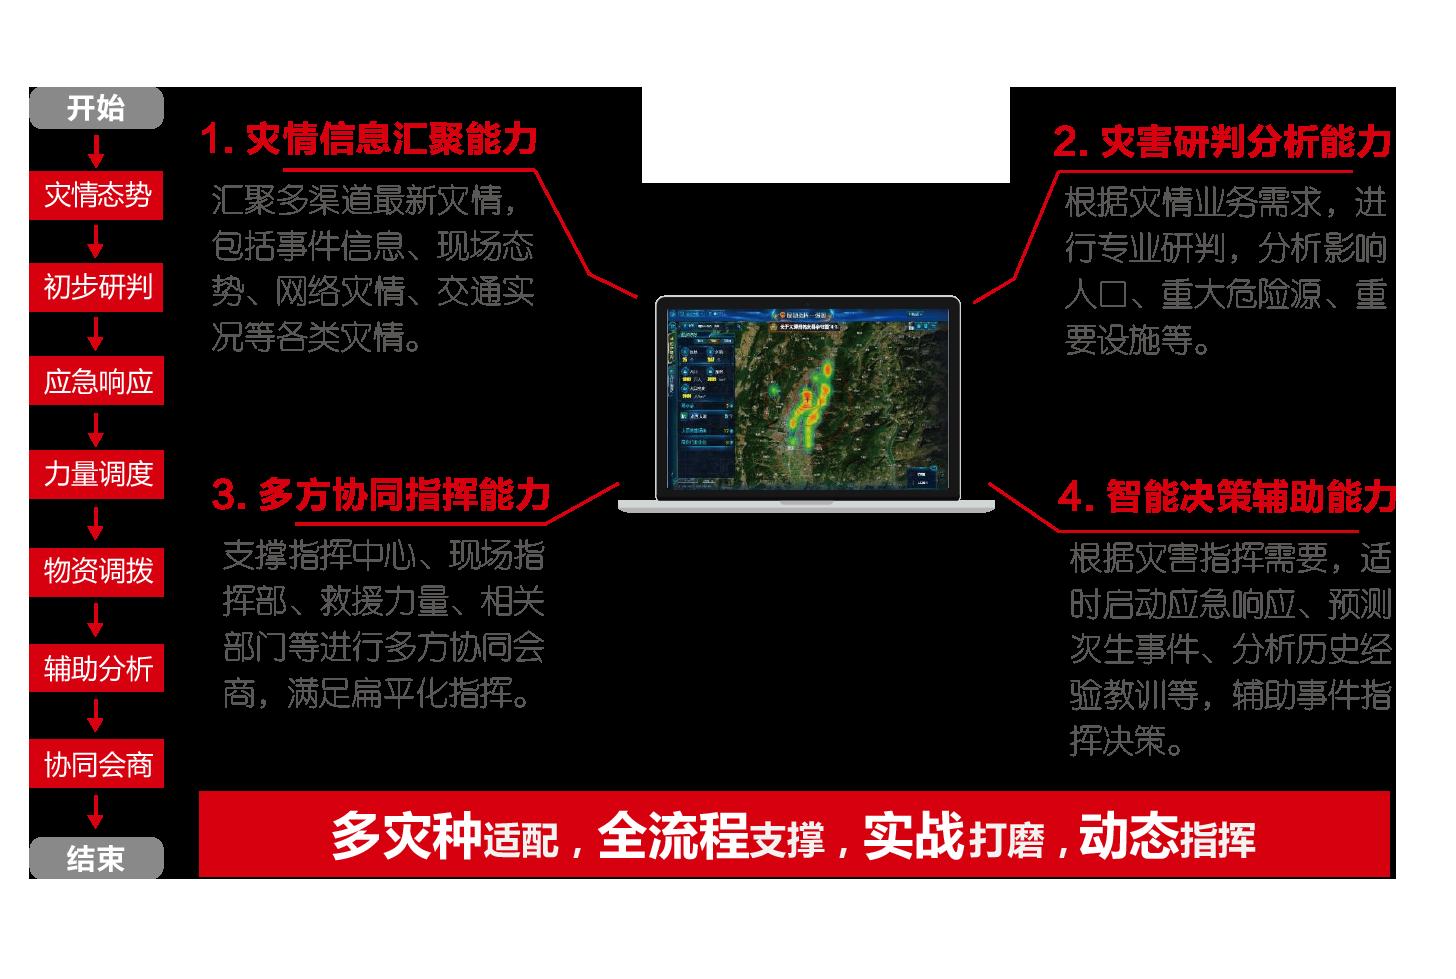 應急實戰指揮平臺(應急指揮一張圖)